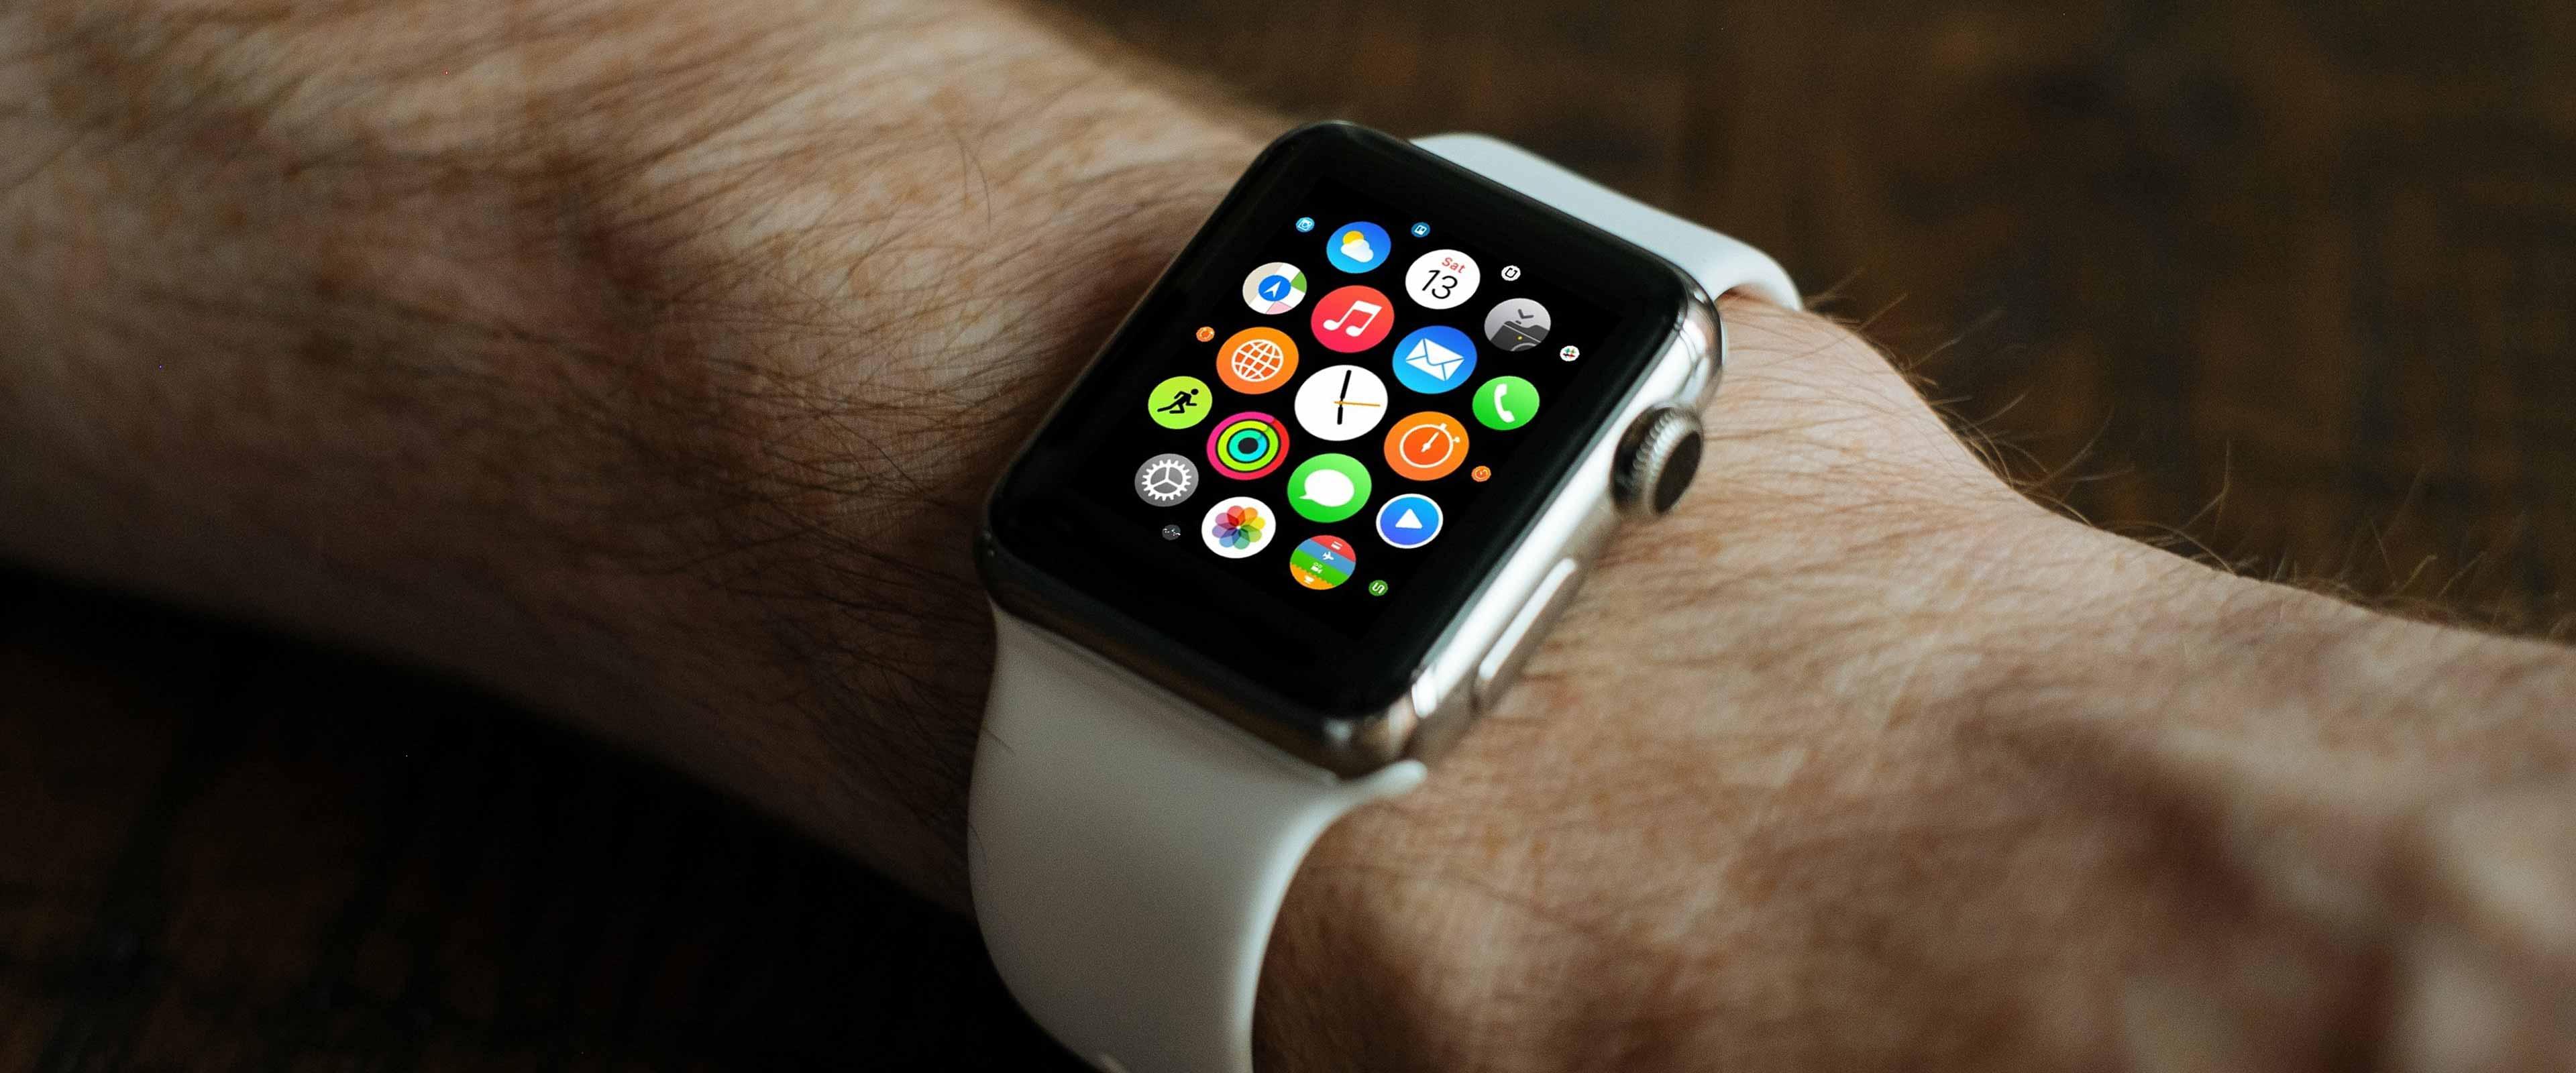 apple-watch-healthcare-daten-whatshealth